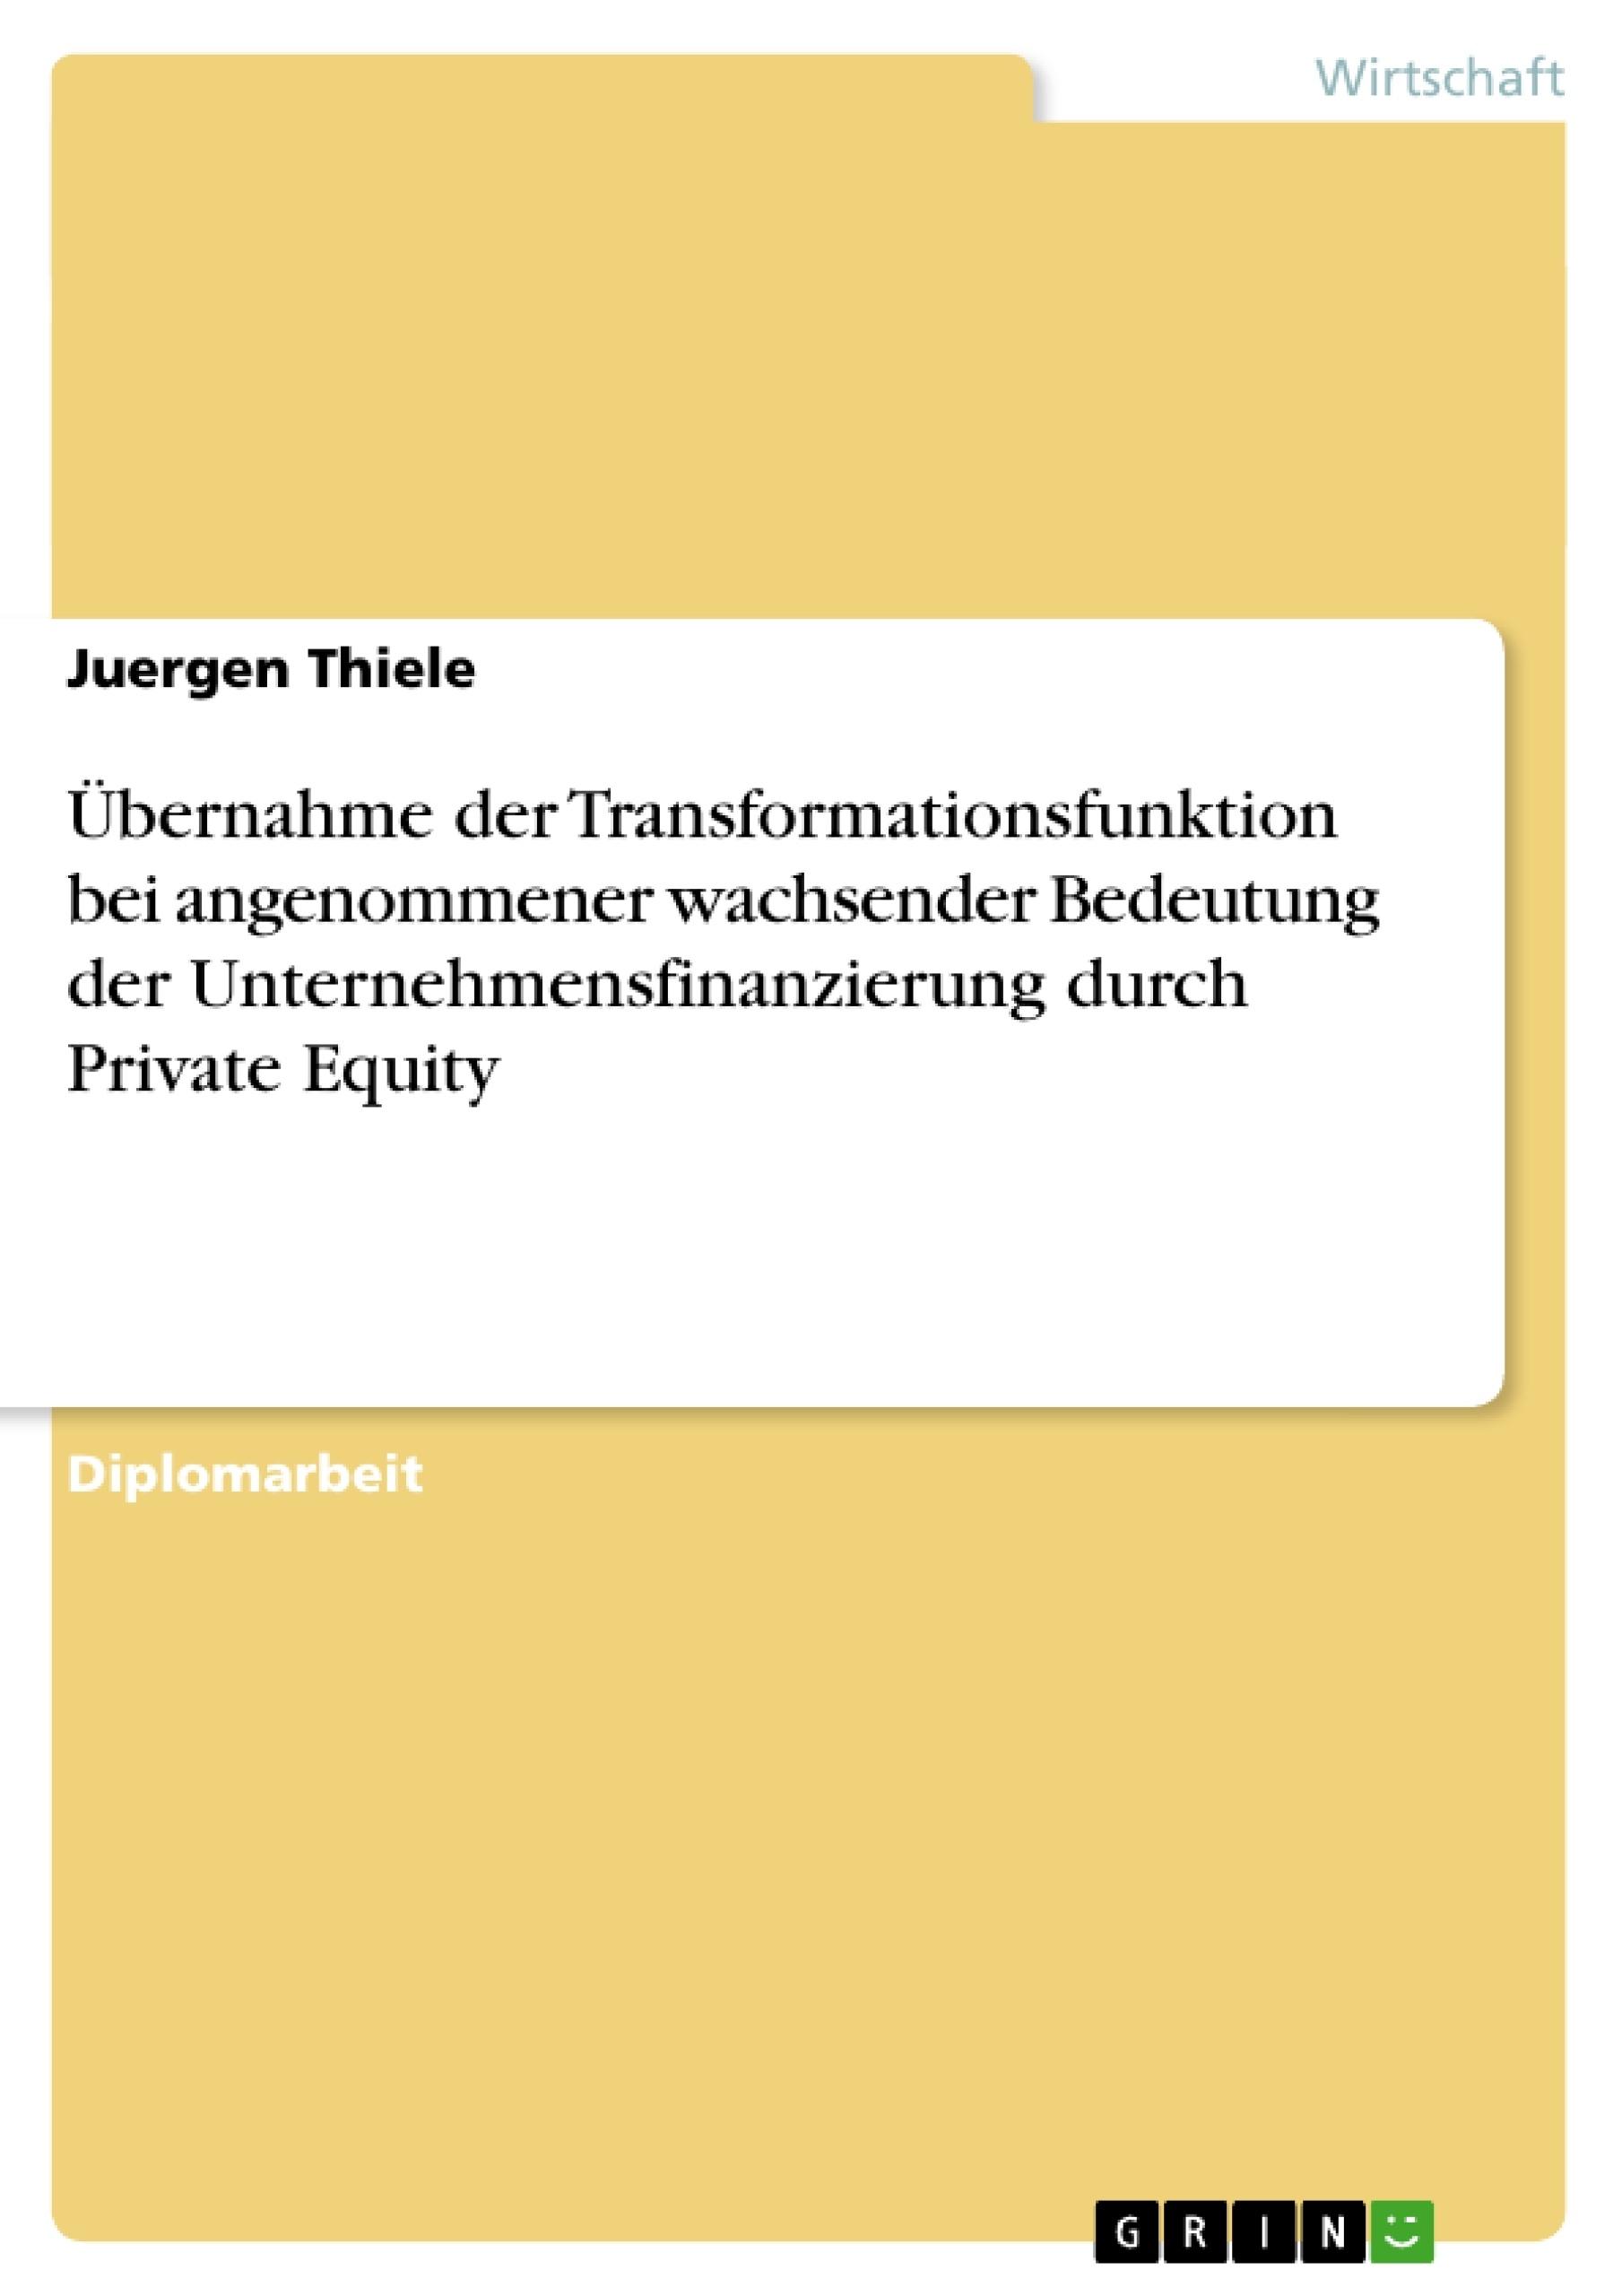 Titel: Übernahme der Transformationsfunktion bei angenommener wachsender Bedeutung der Unternehmensfinanzierung durch Private Equity